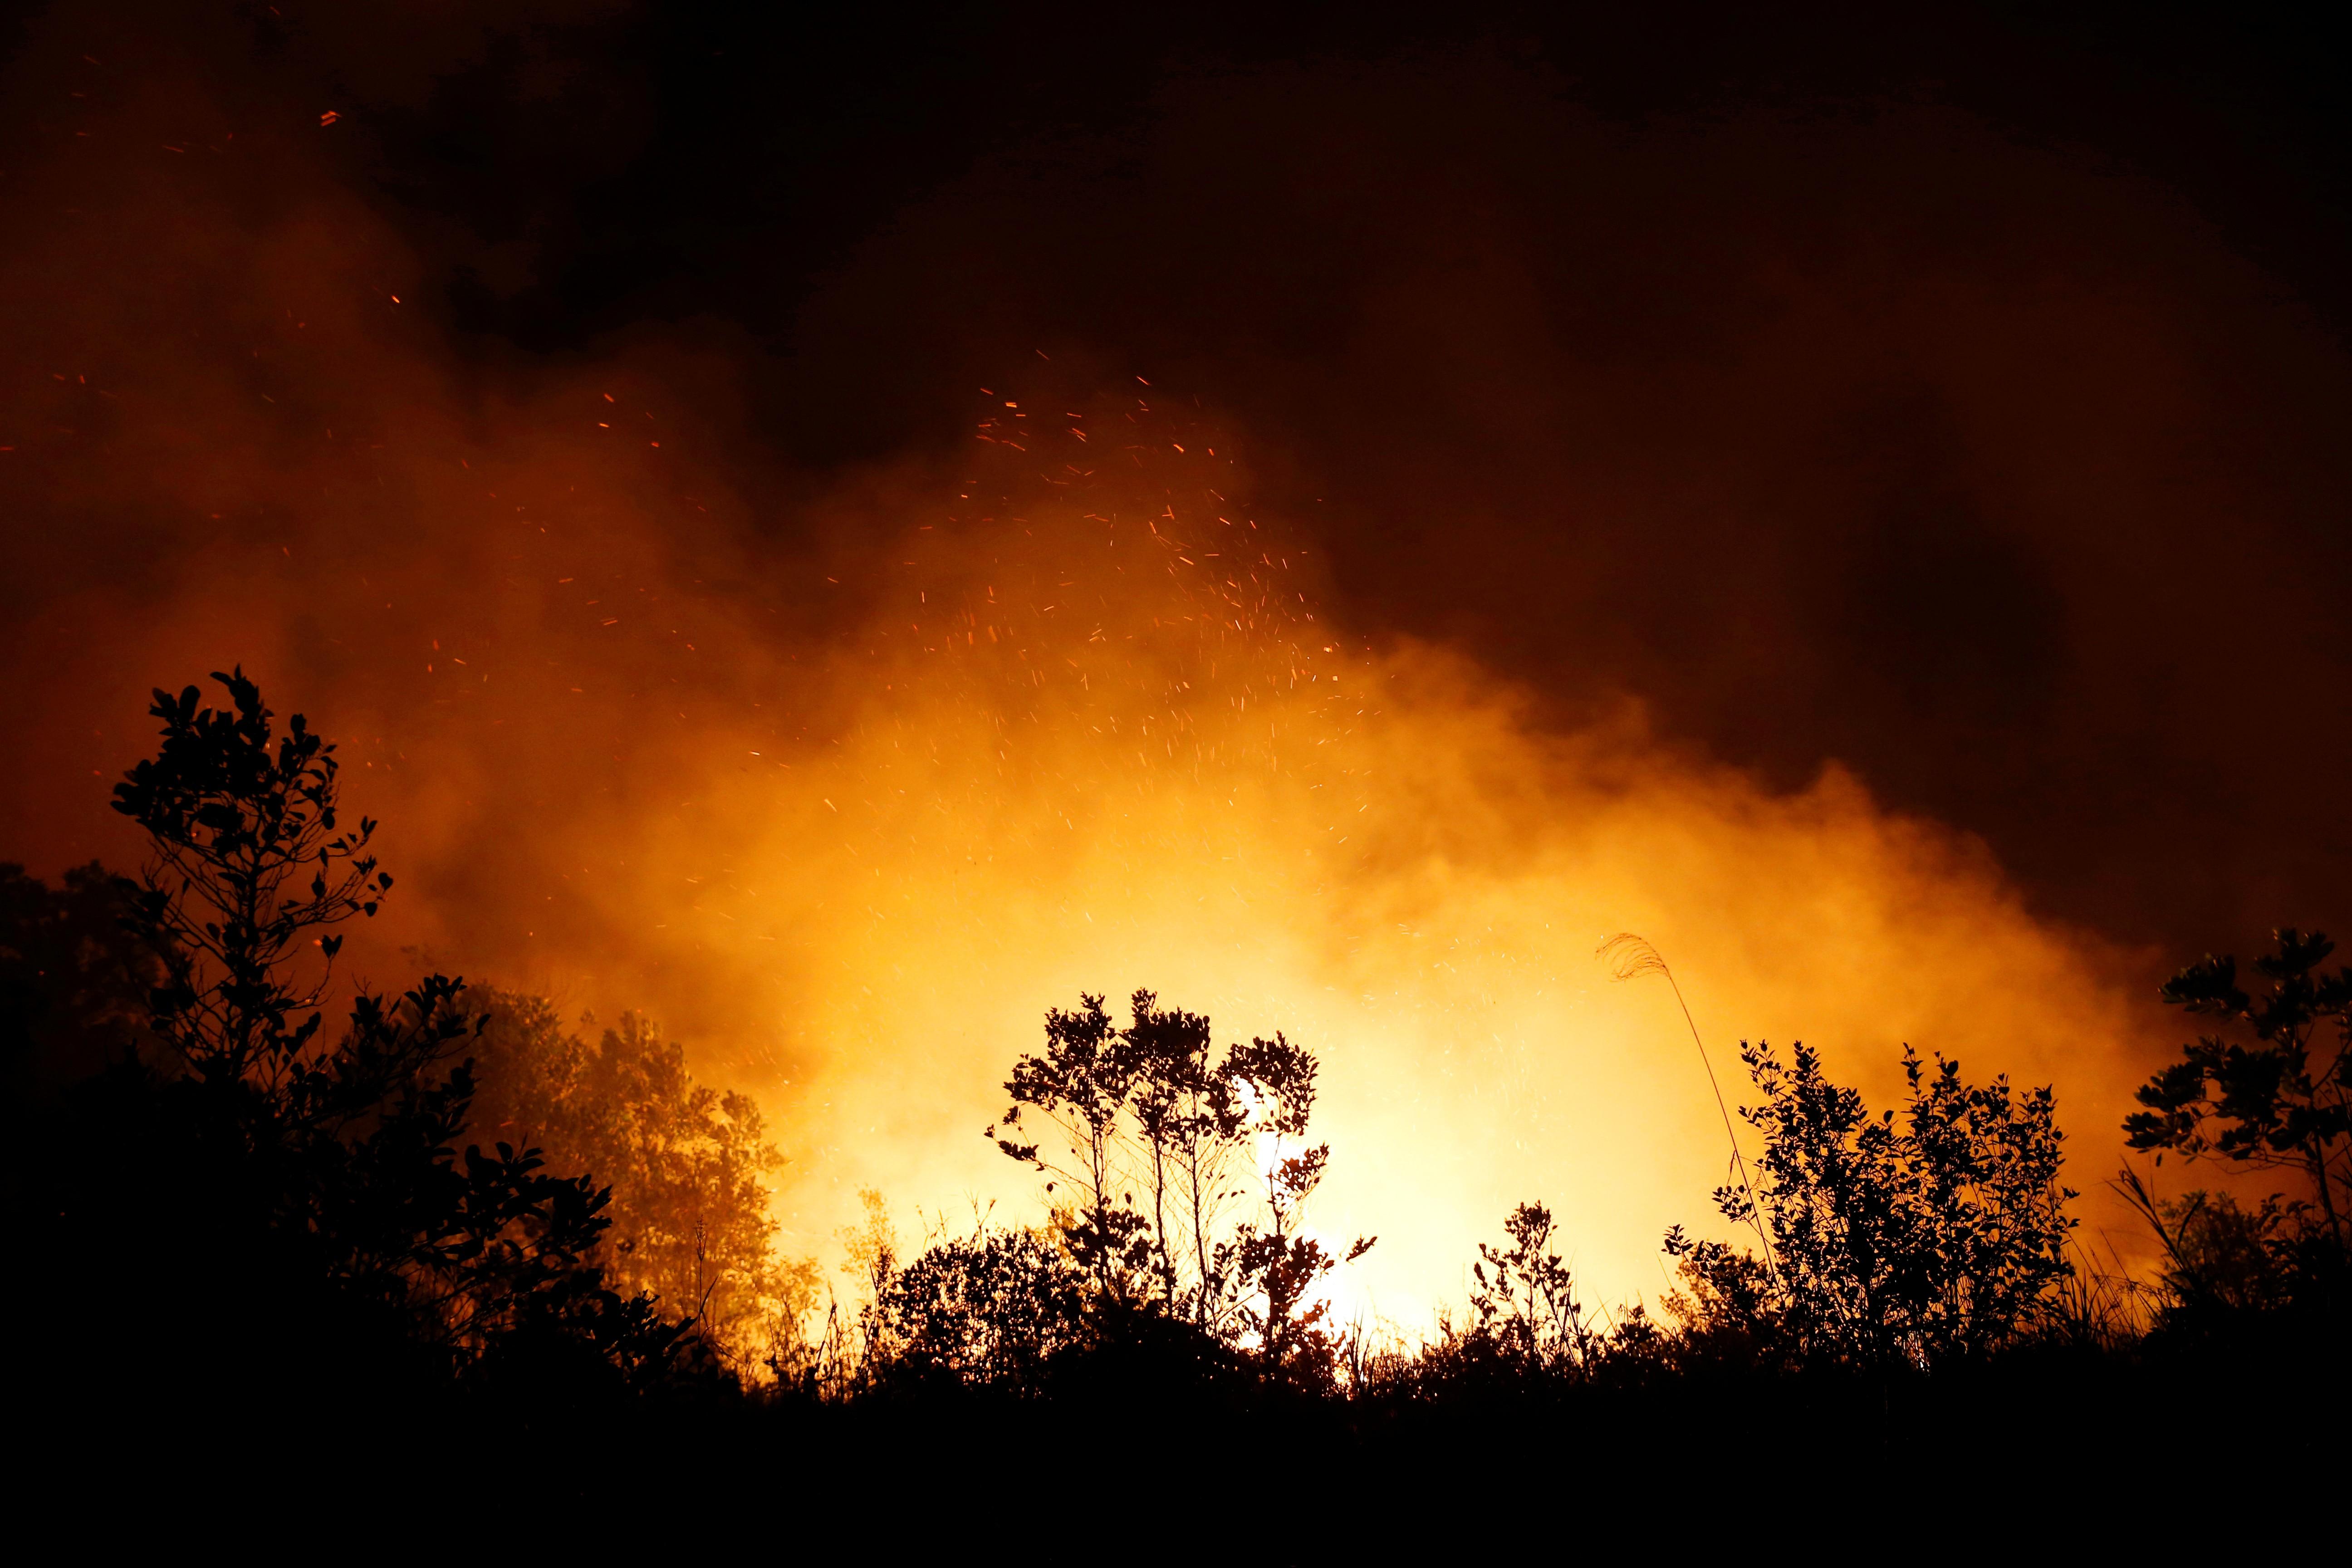 Na Indonésia, 185 são presos por queimadas intencionais - Notícias - Plantão Diário